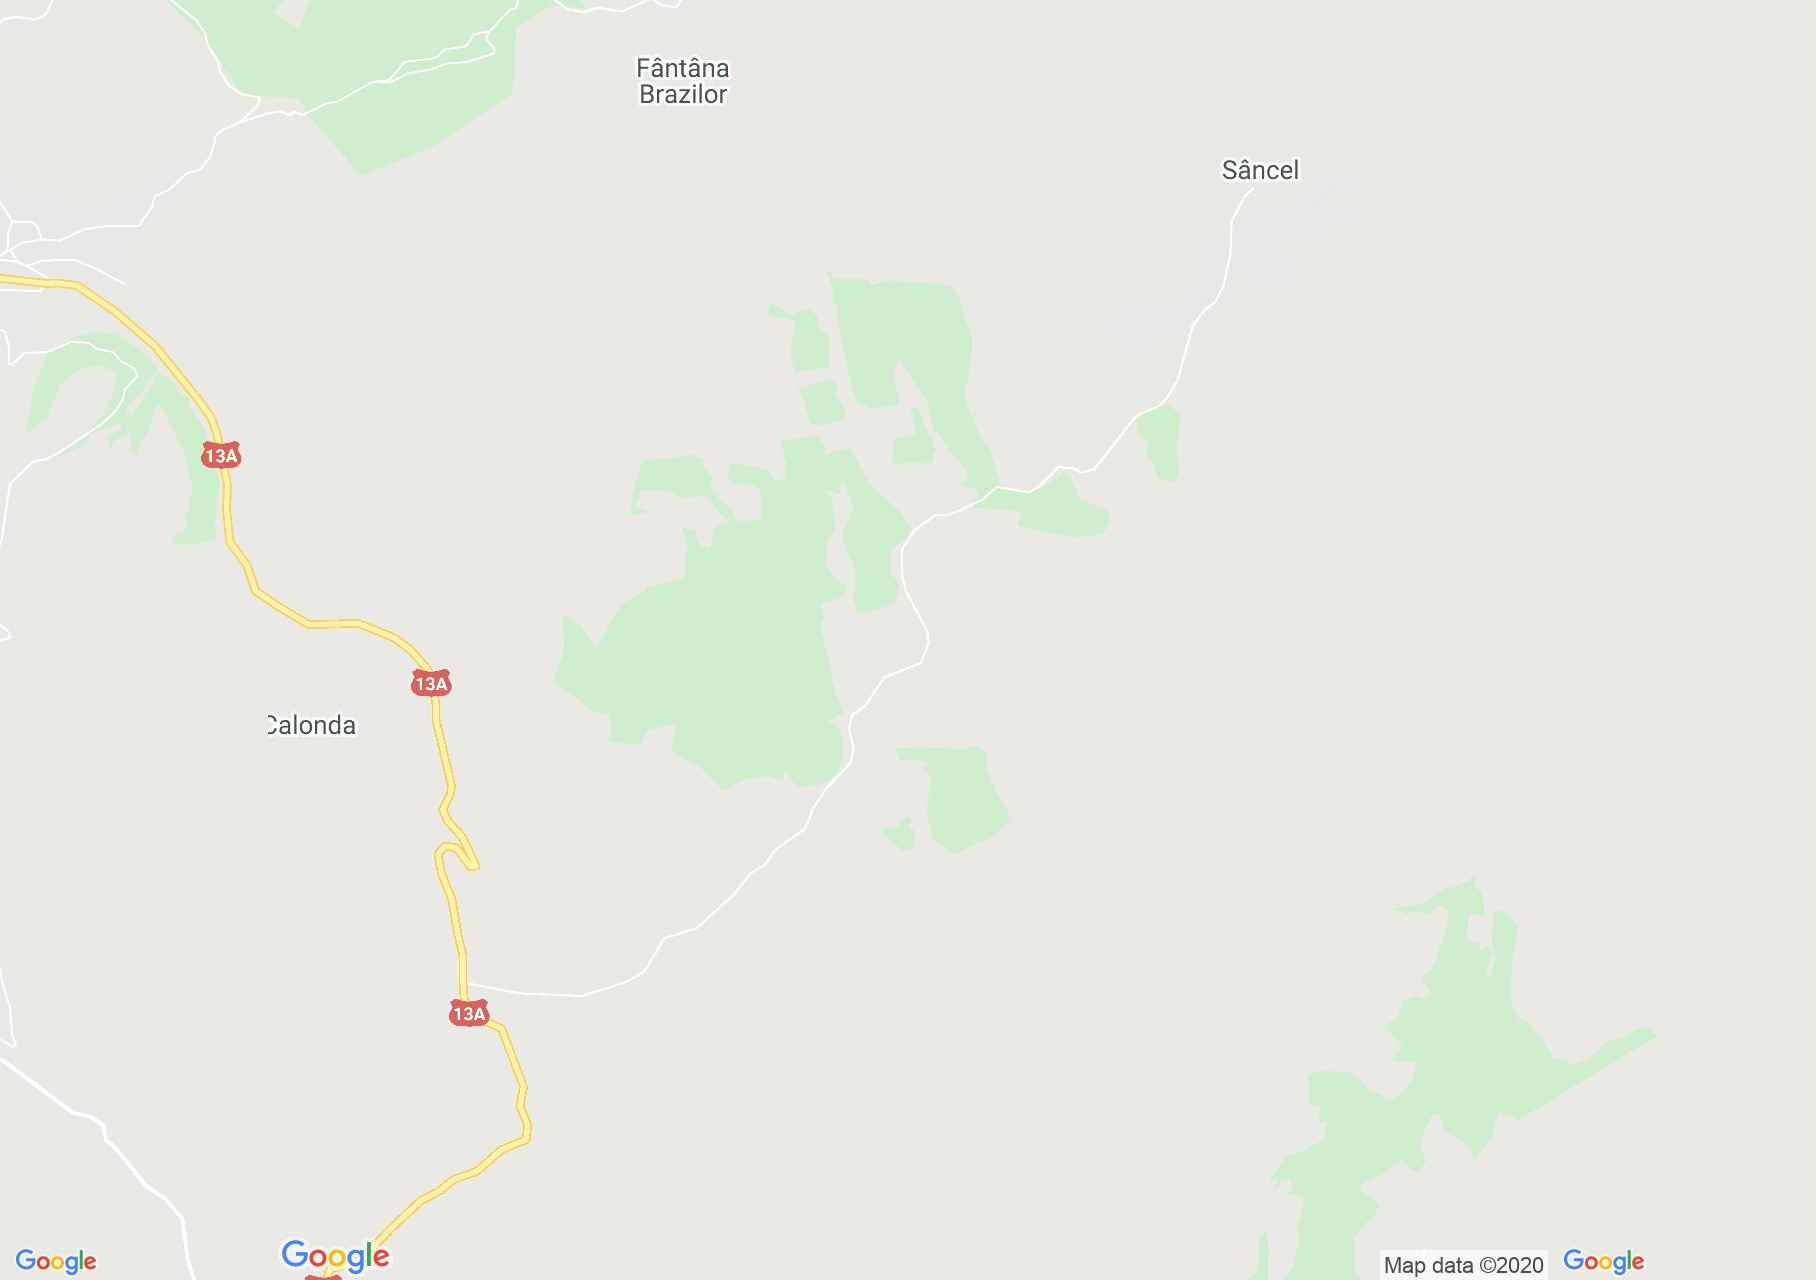 Sancel, Harta turistică interactivă